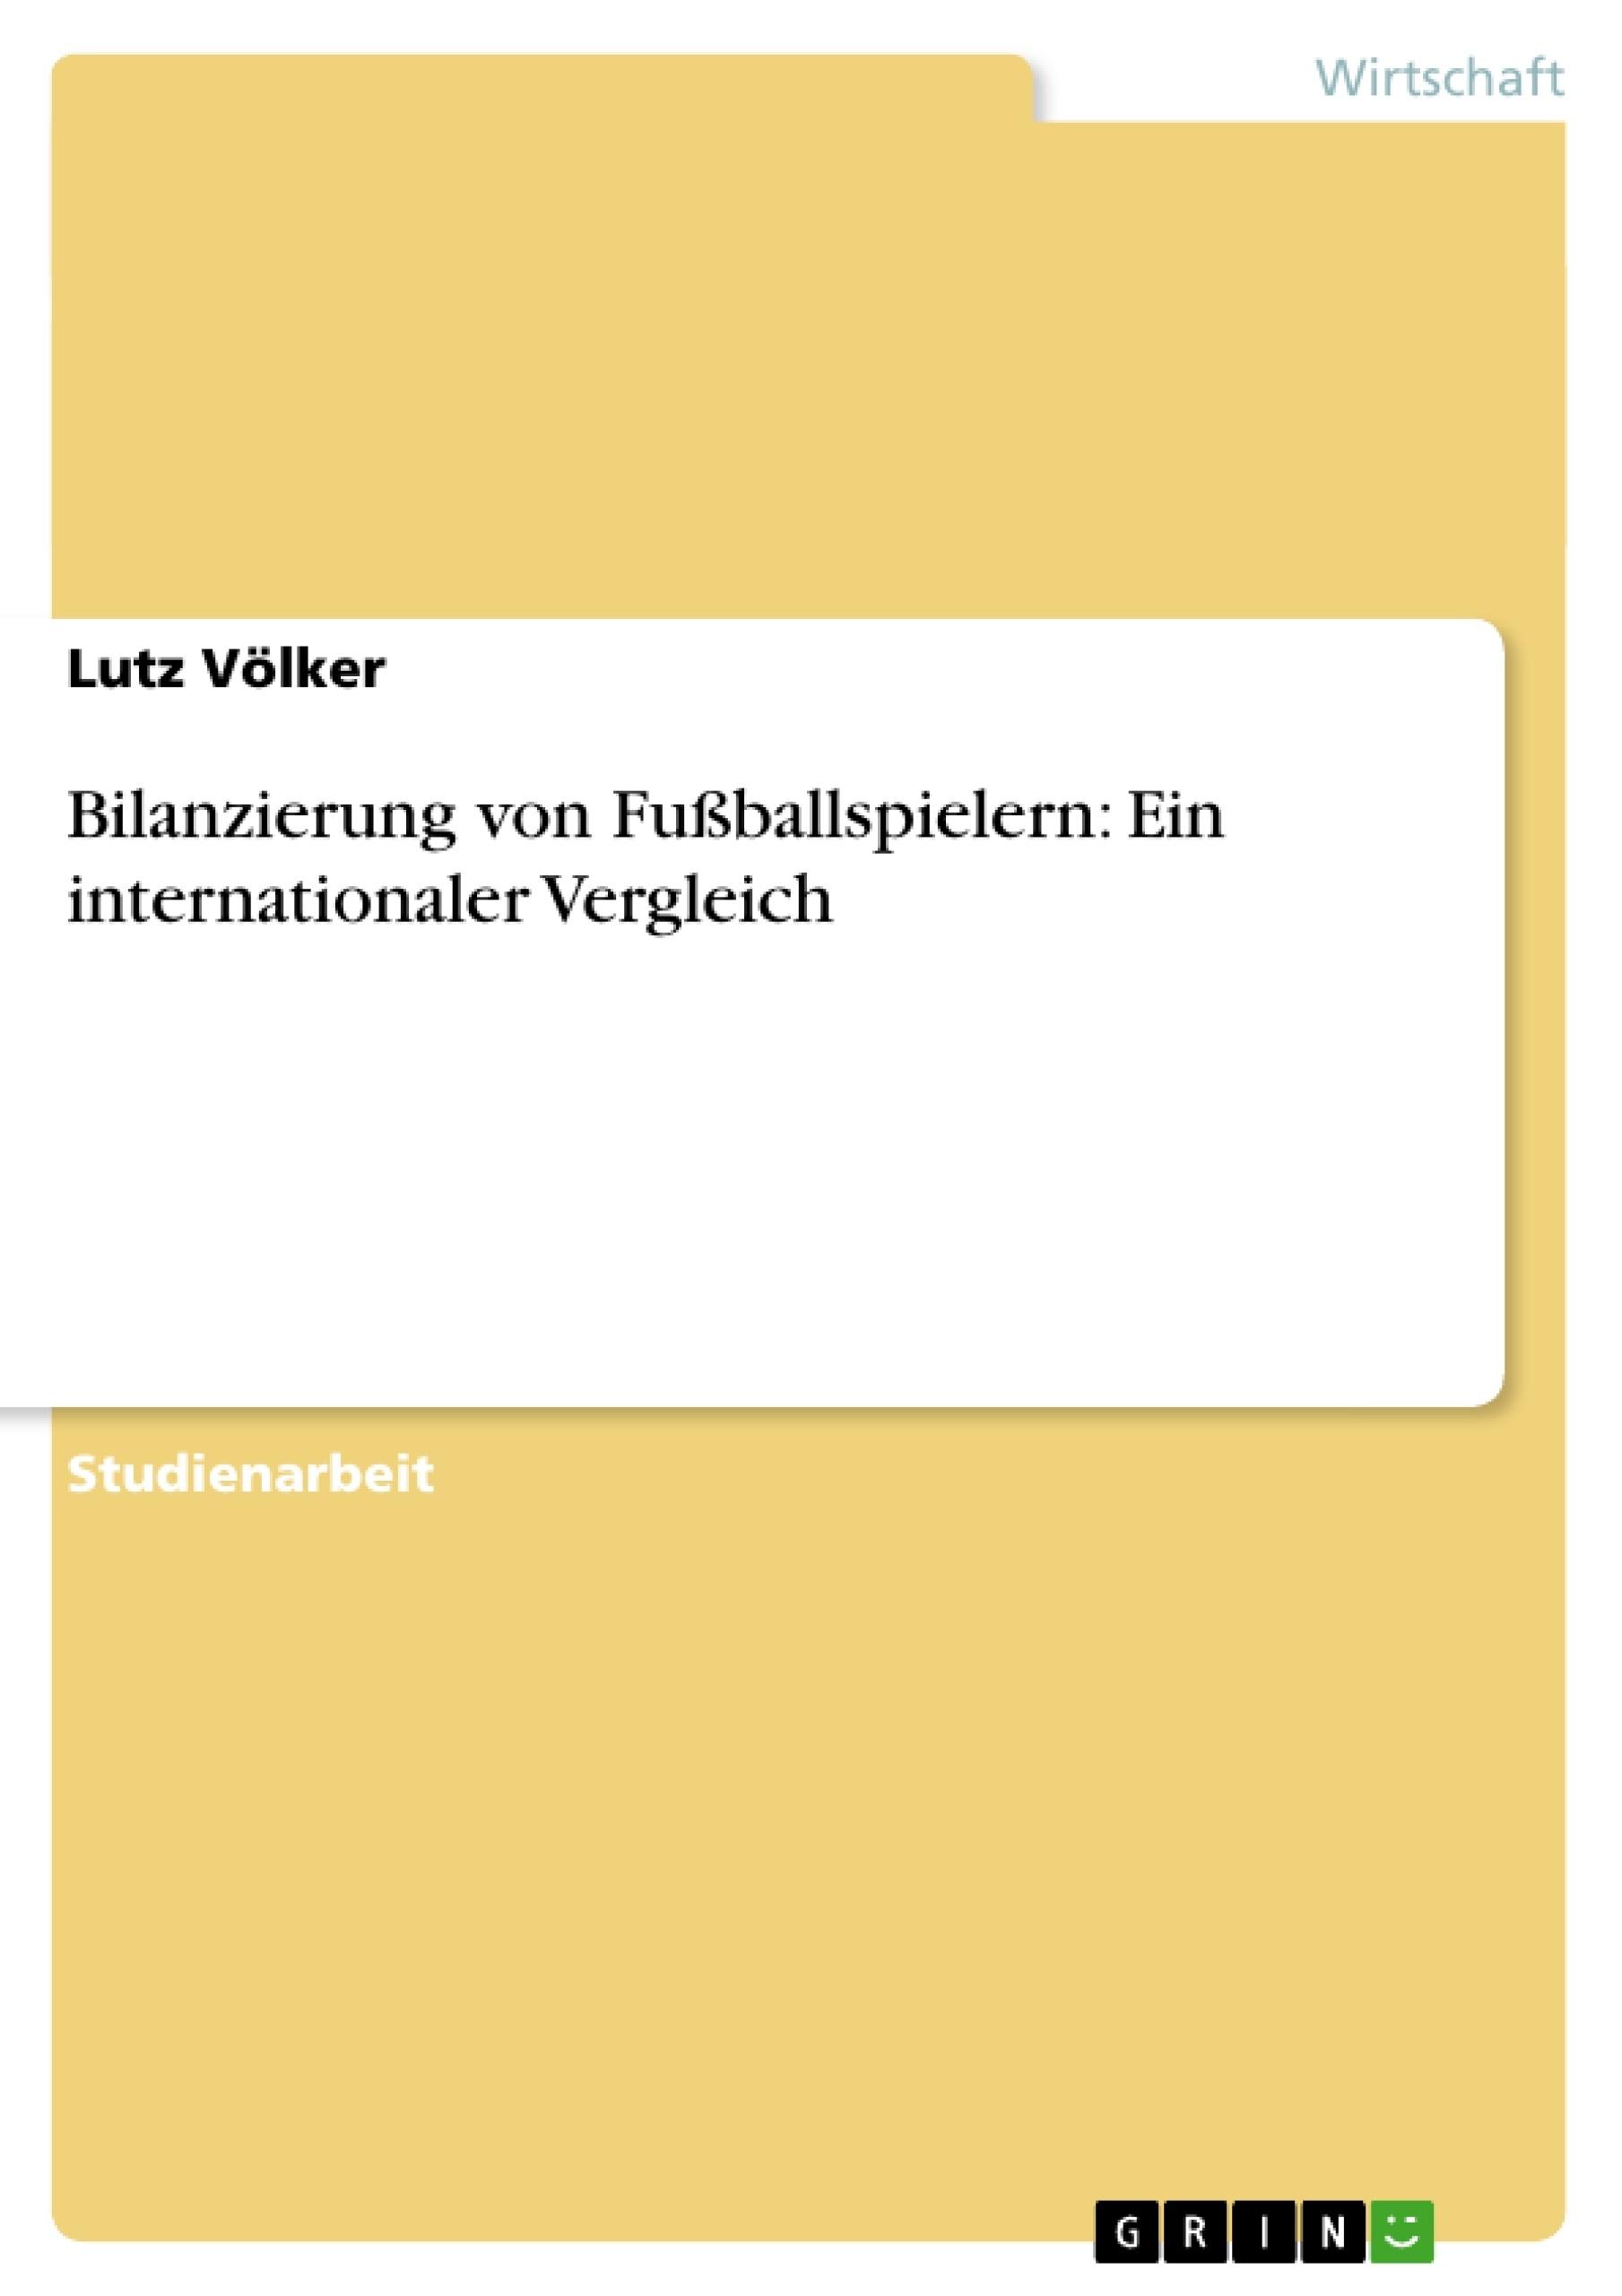 Titel: Bilanzierung von Fußballspielern: Ein internationaler Vergleich